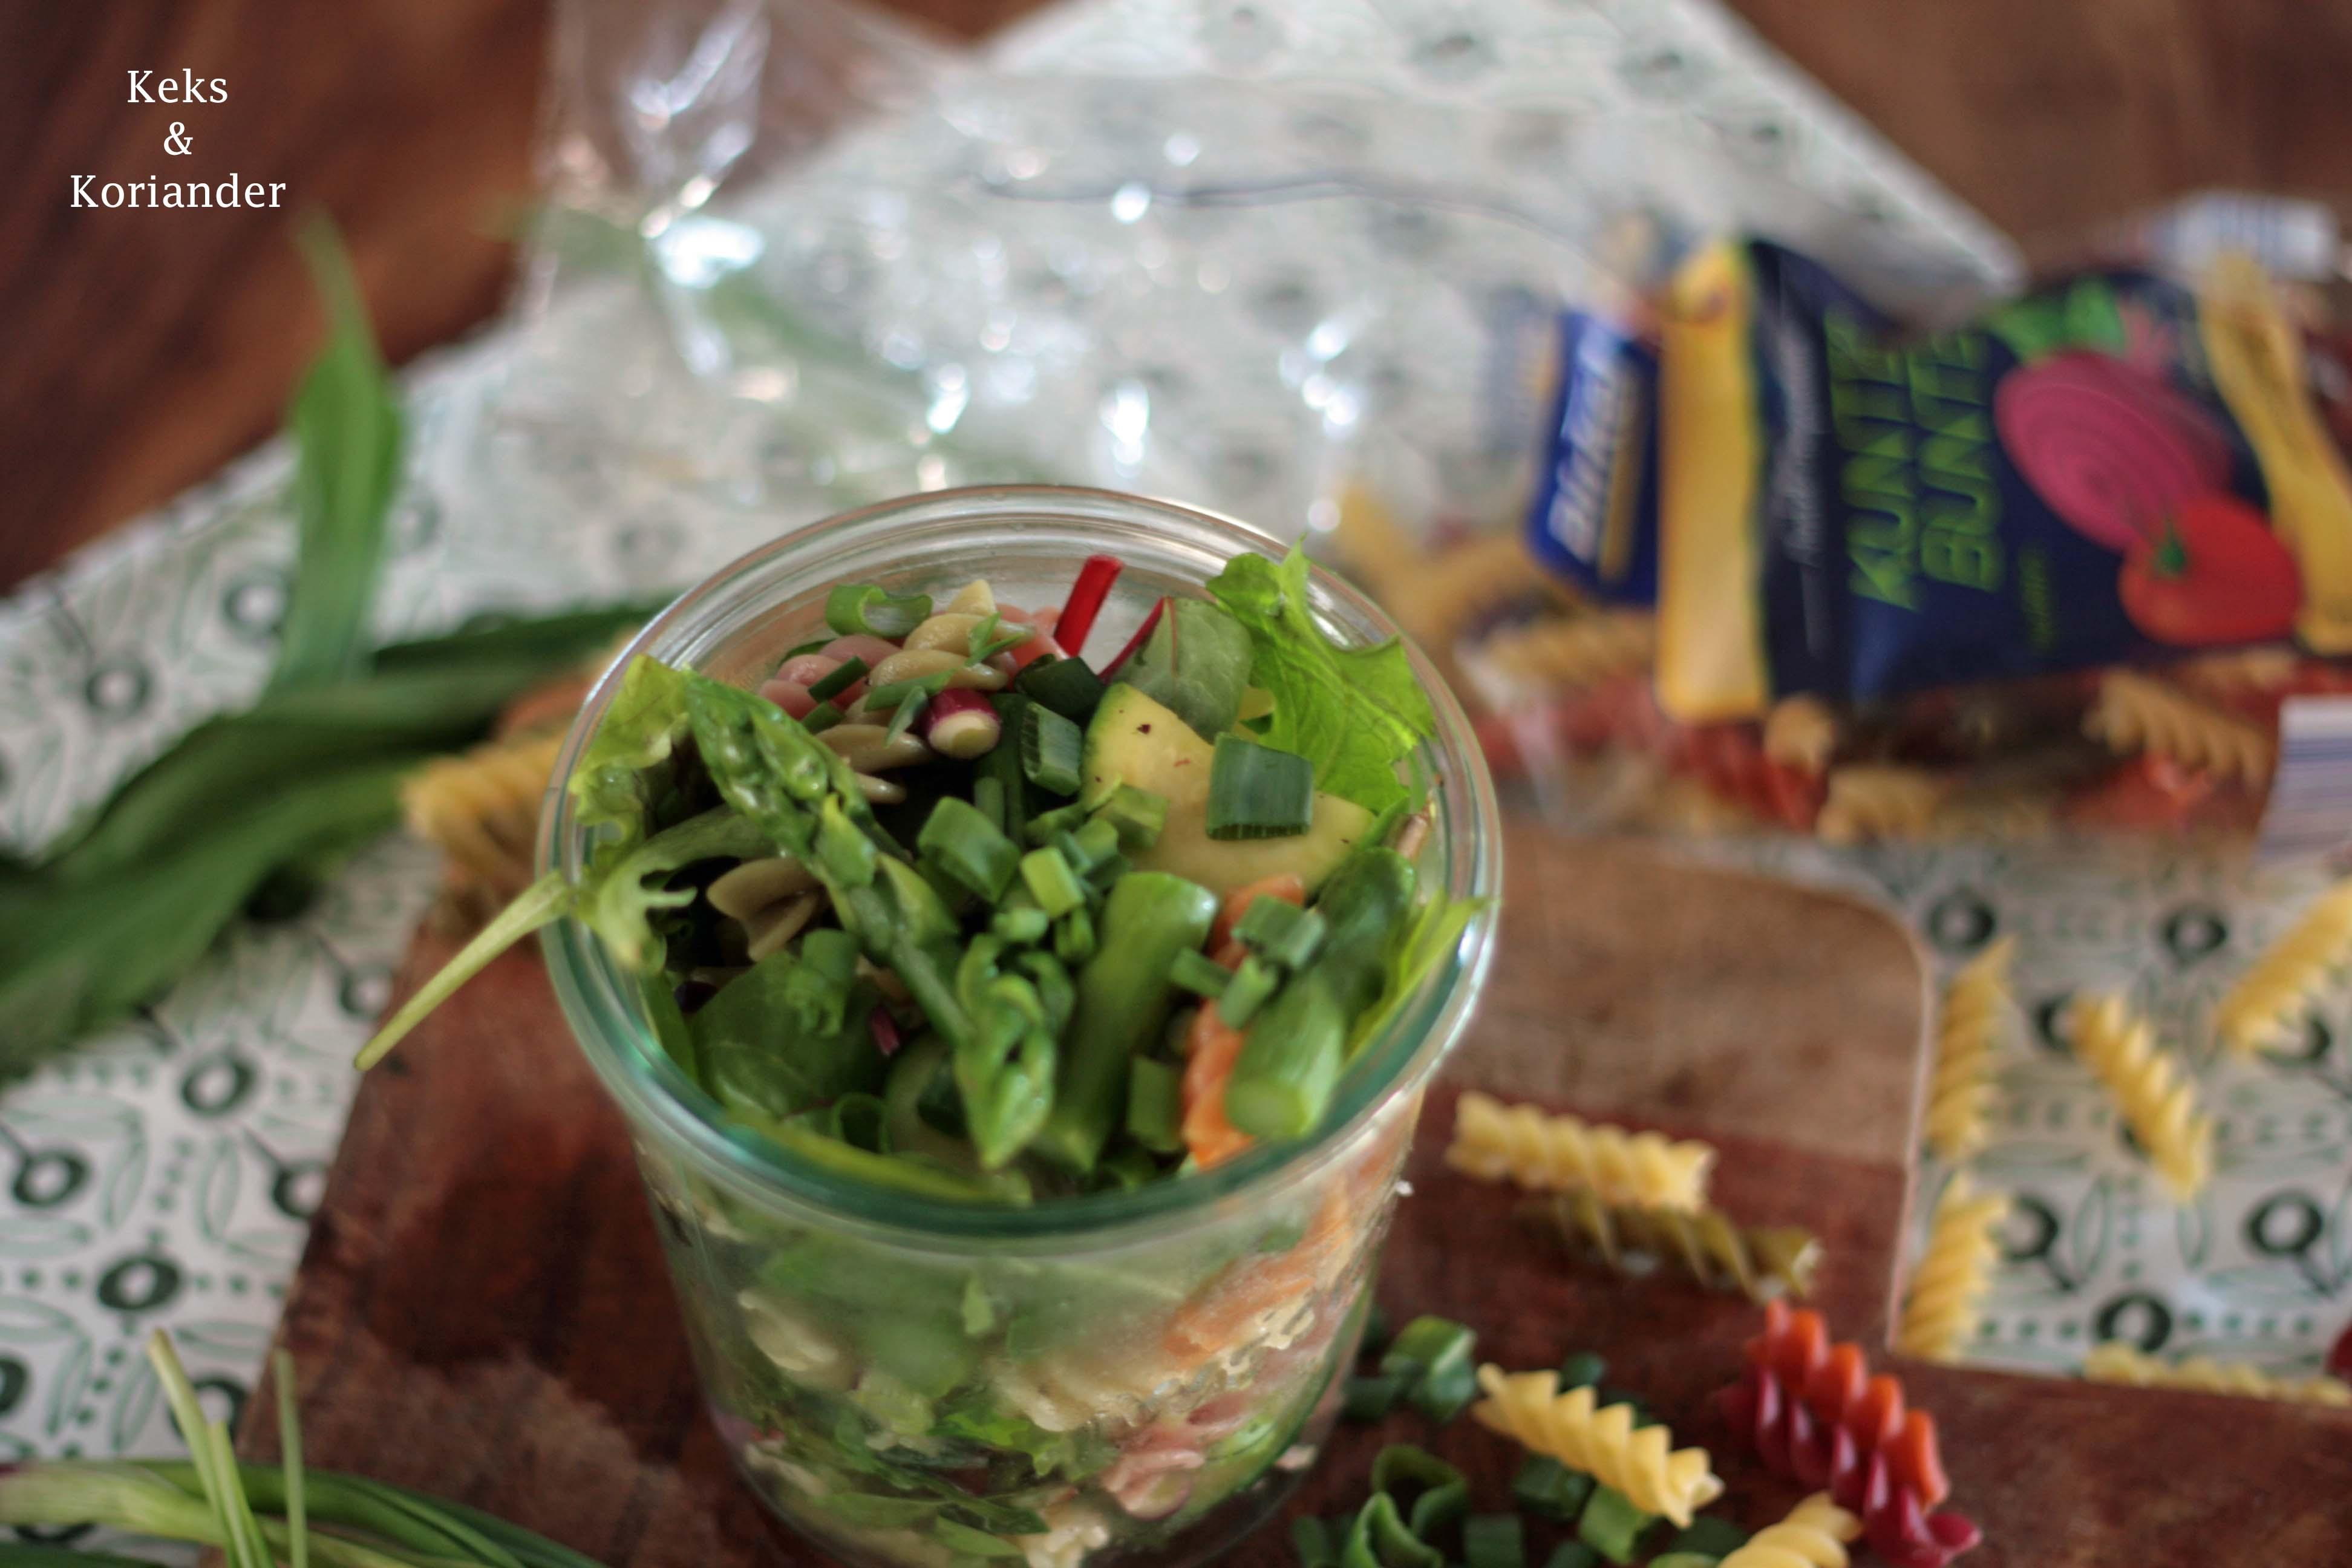 Nudelsalat mit grünem Spargel, Zucchini, Frühlingszwiebeln und Bärlauchdressing